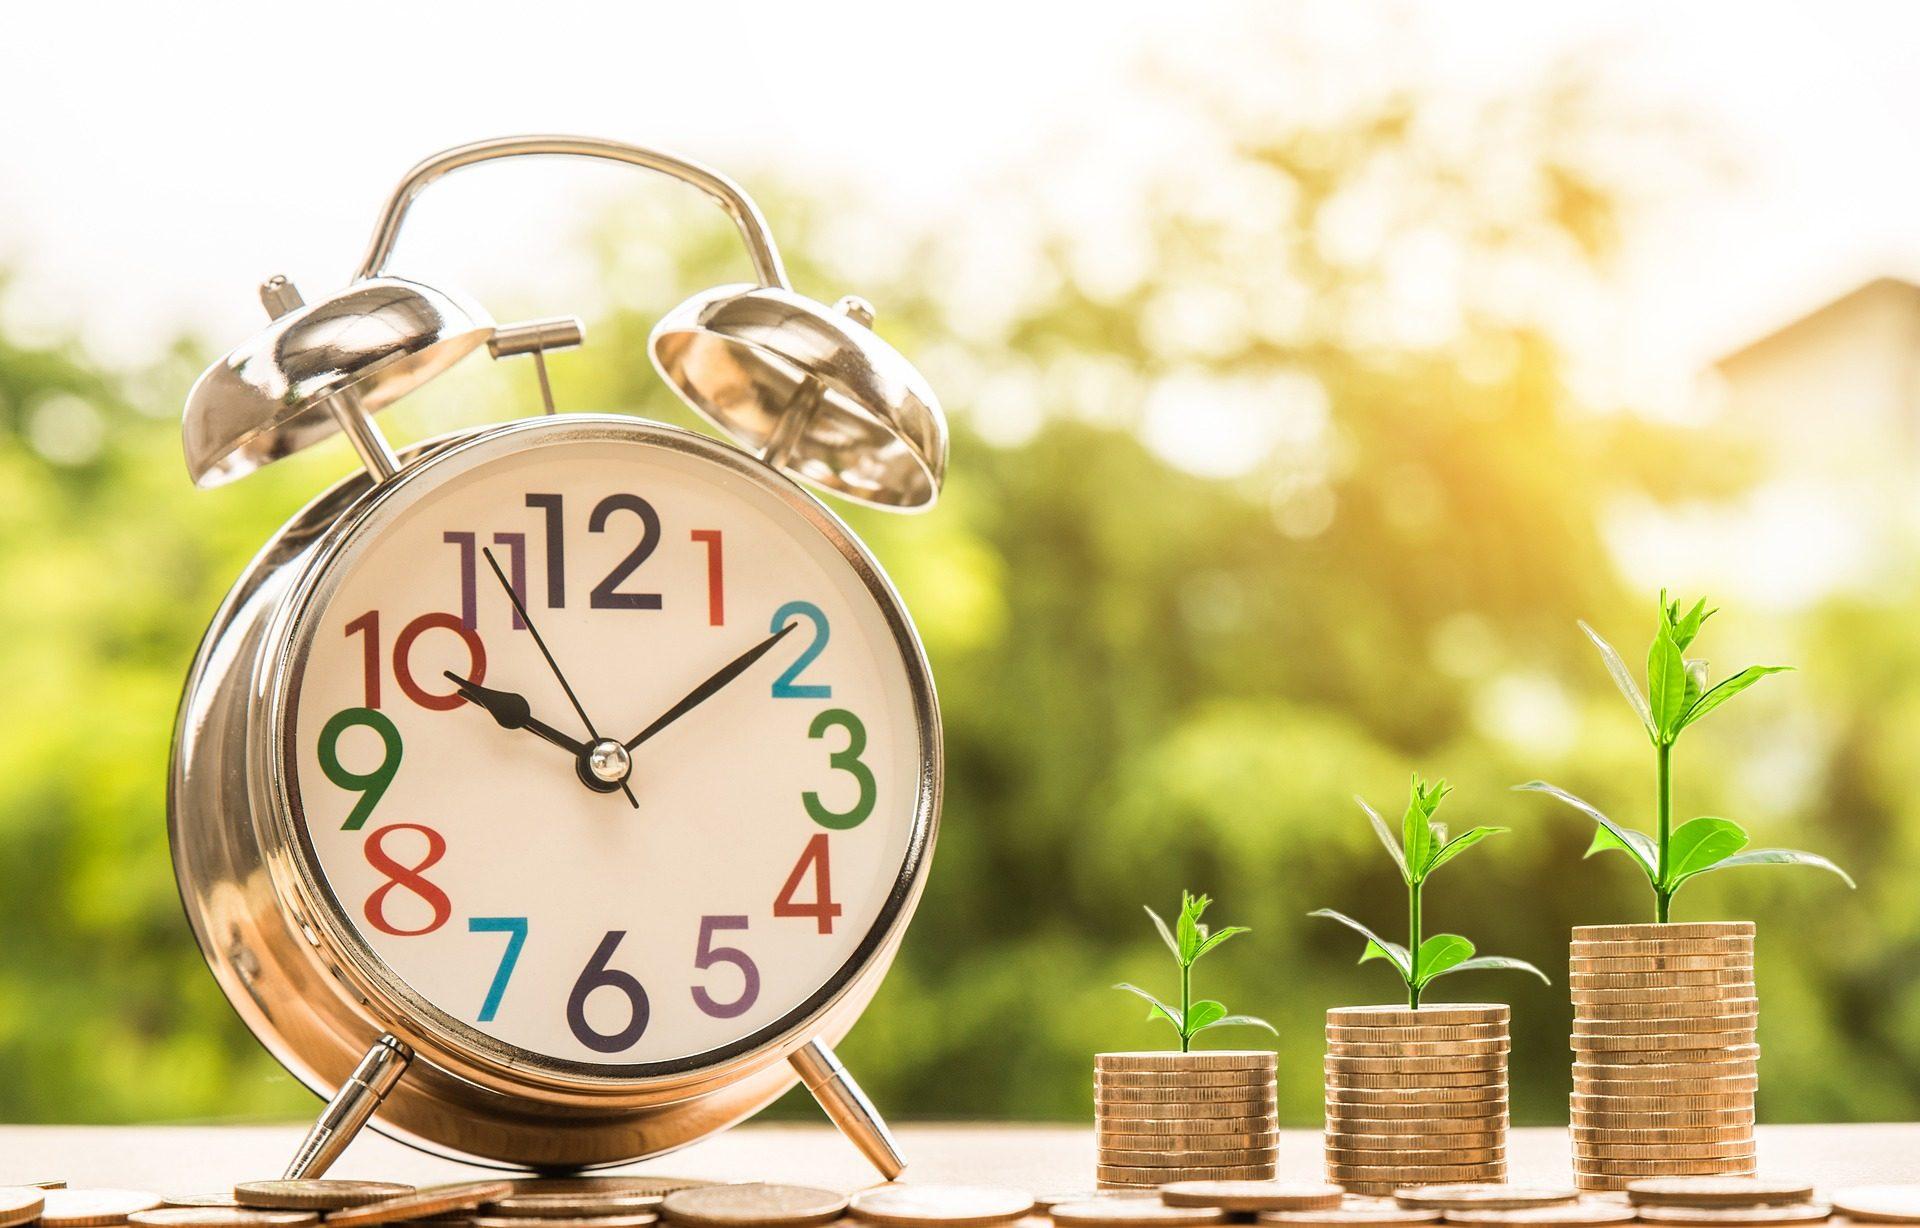 देखो, अलार्म घड़ी, hora, समय, सिक्के, संयंत्रों, प्रकोपों - HD वॉलपेपर - प्रोफेसर-falken.com